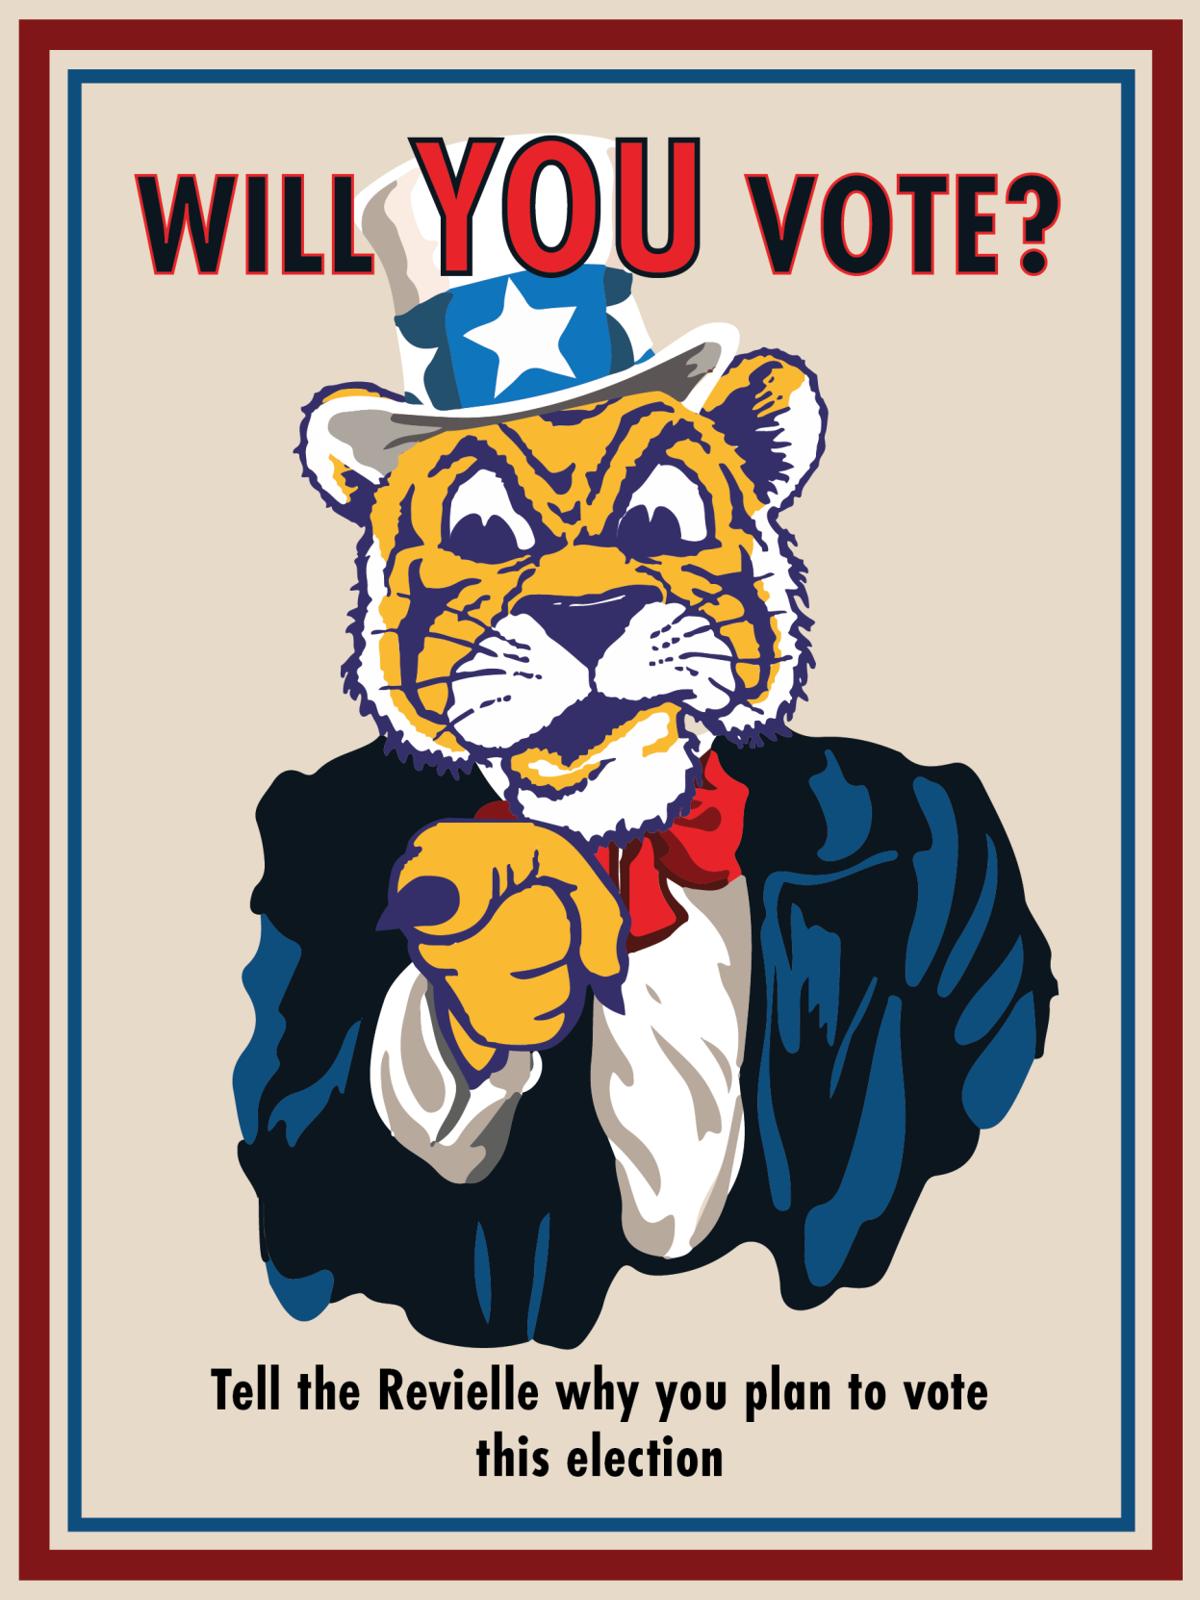 Will YOU vote graphic